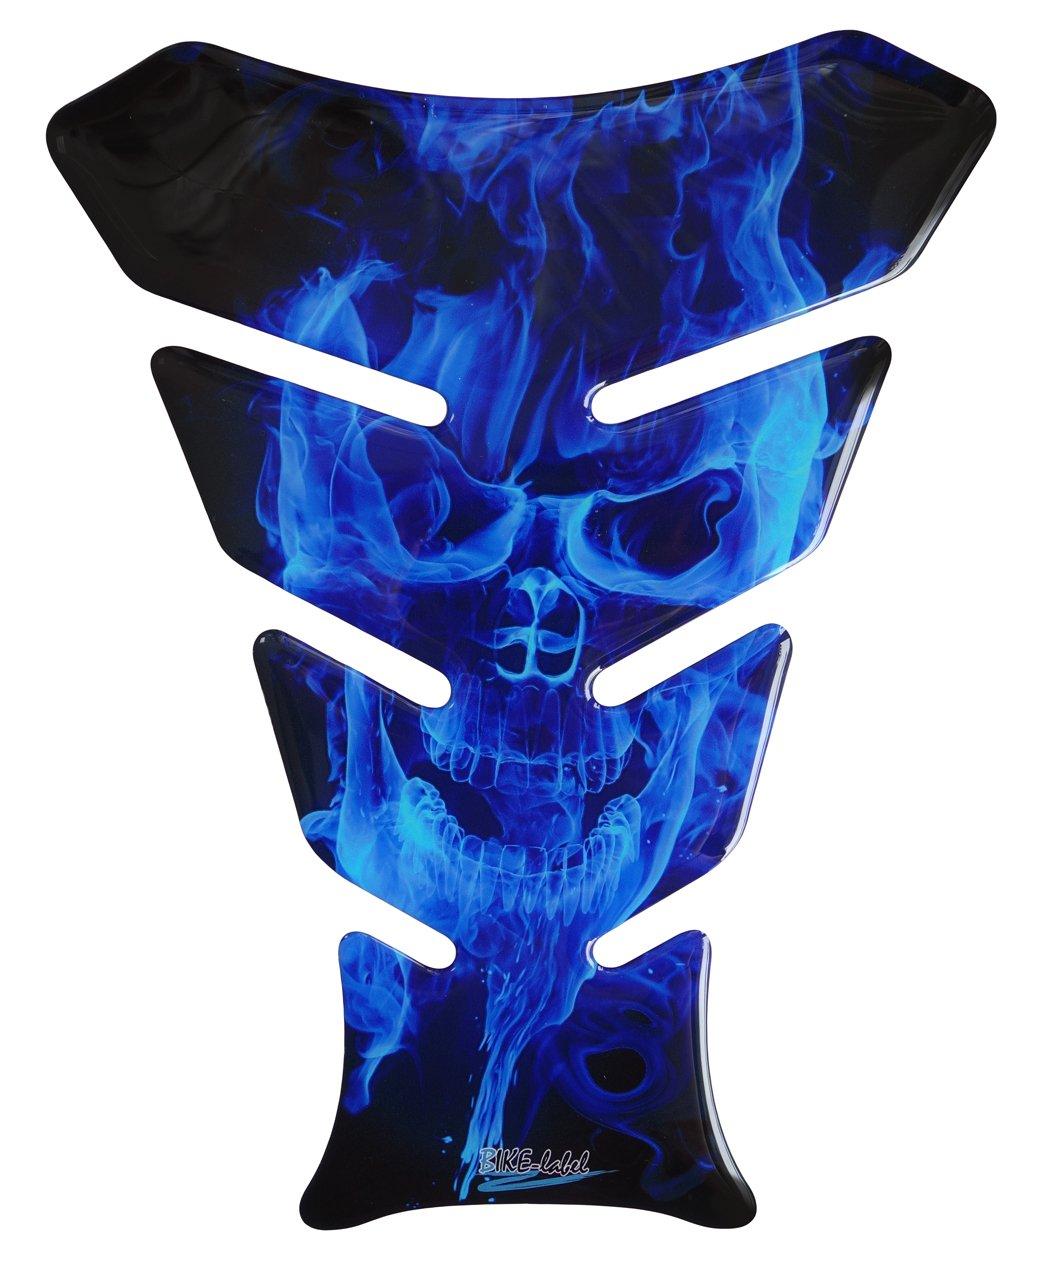 Honda Suzuki Ghost Blue Totenkopf-Motiv // Flammen Blau Kawasaki universell f/ür Yamaha Tankpad 3D BMW Triumph und Aprilia Tanks KTM 500067 Ducati